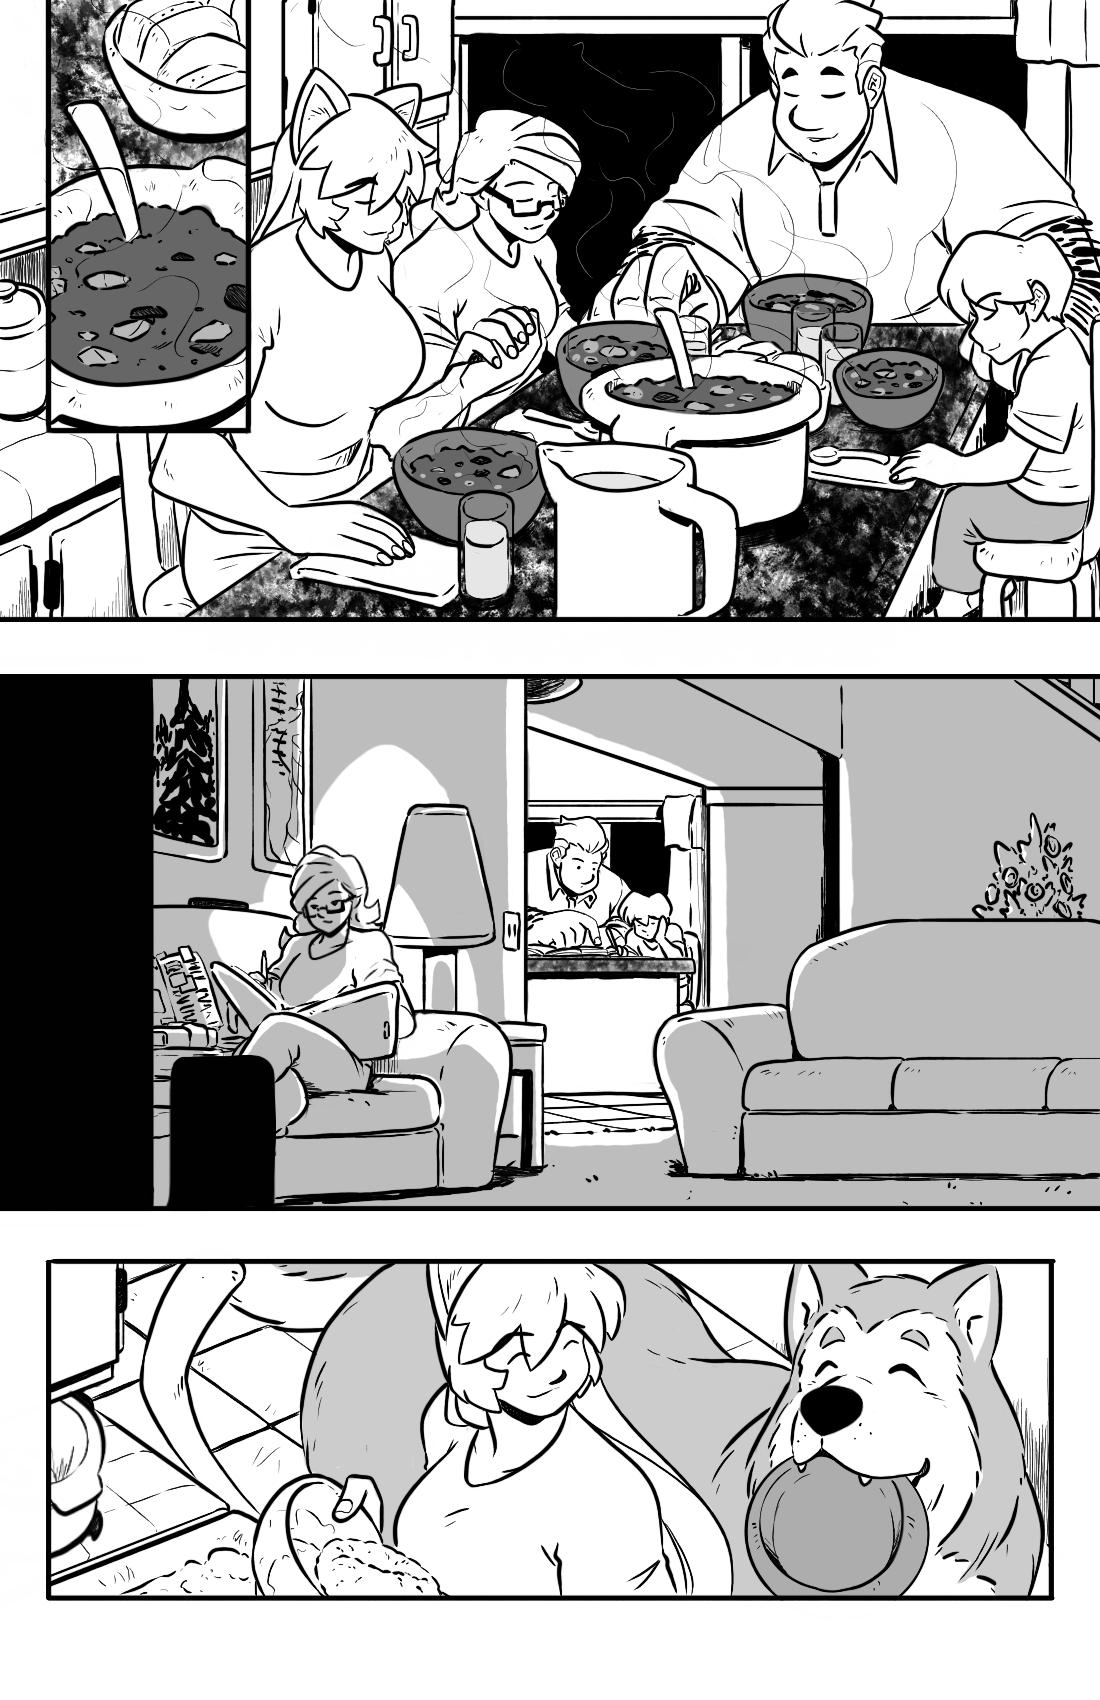 Tender Moment pg.6